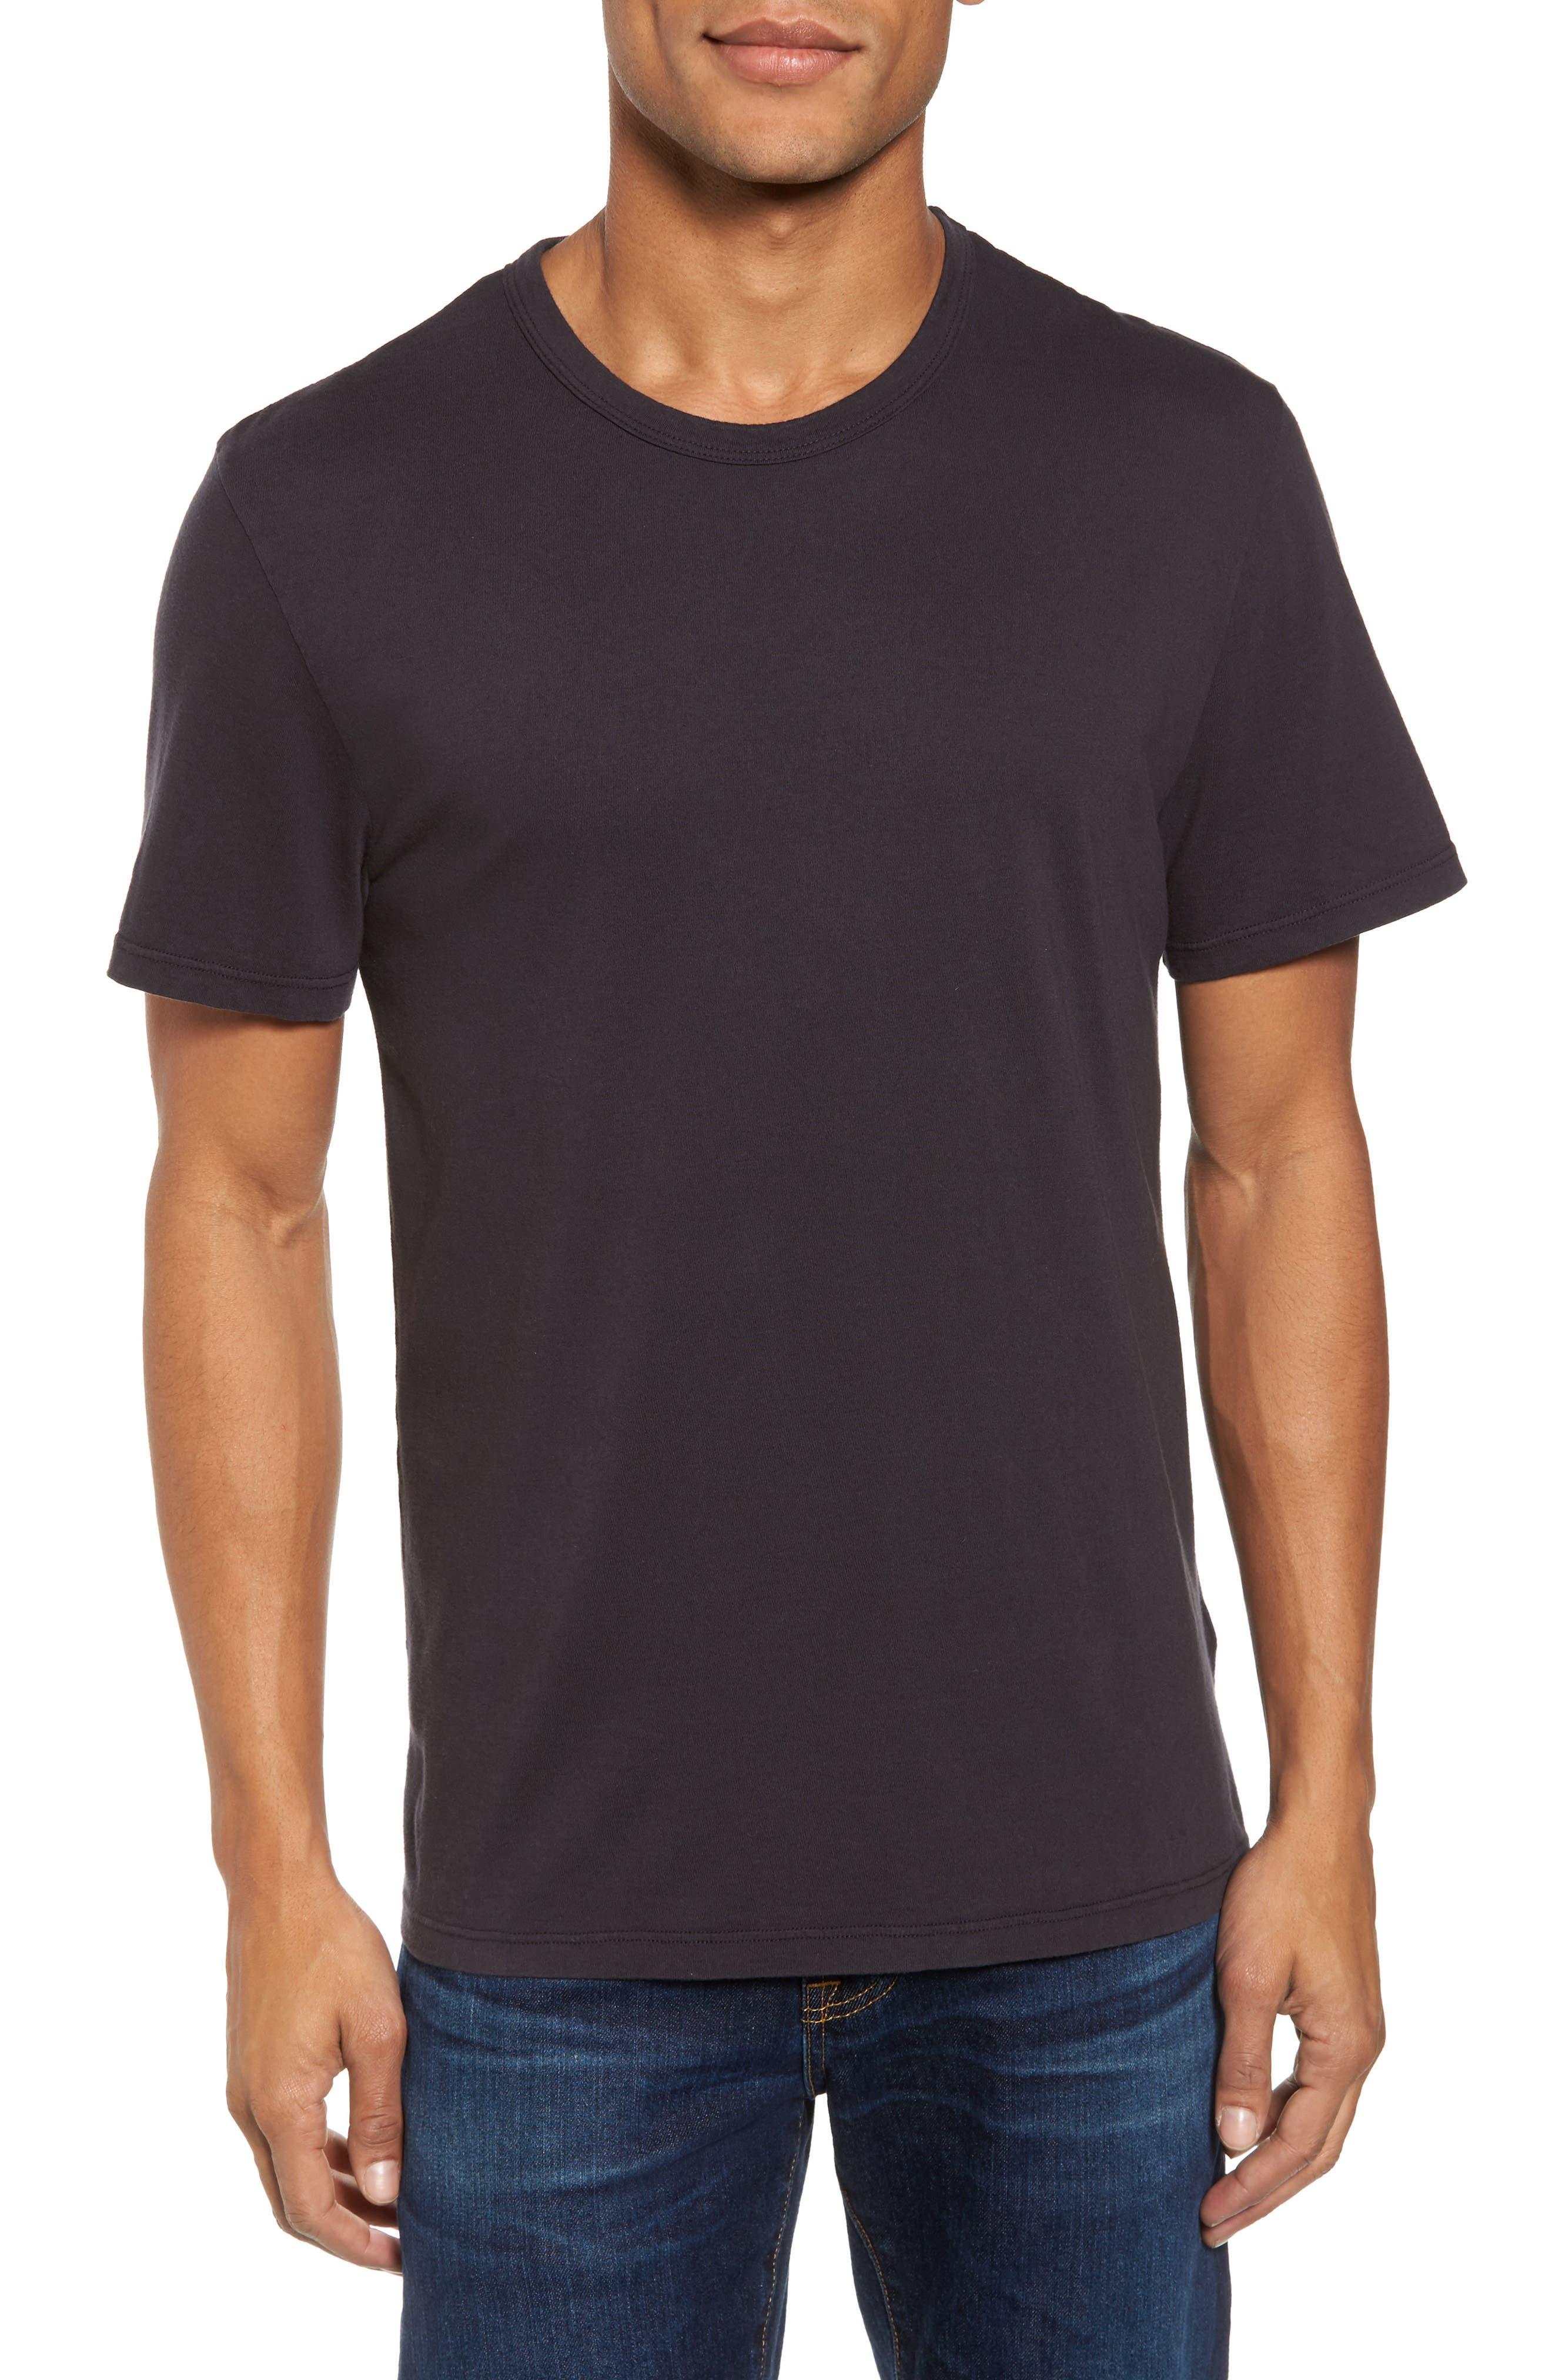 Suvin Crewneck T-Shirt,                             Main thumbnail 1, color,                             026